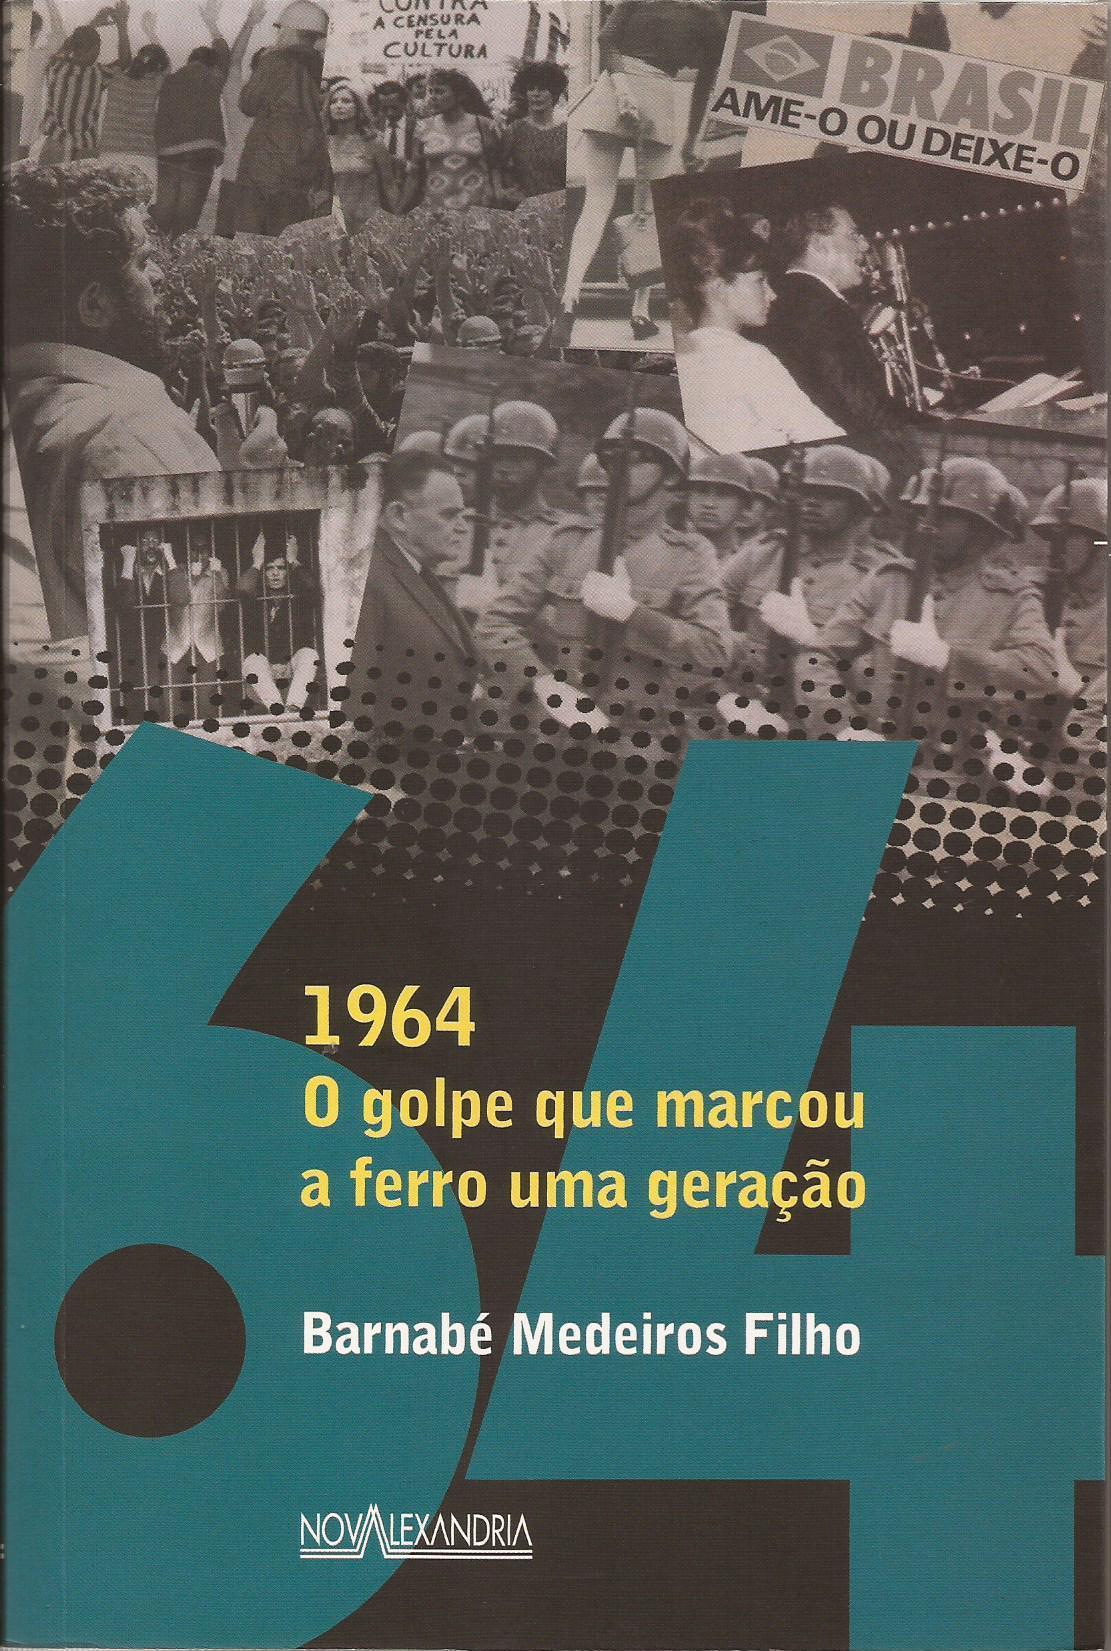 1964 – O golpe que marcou a ferro uma geração